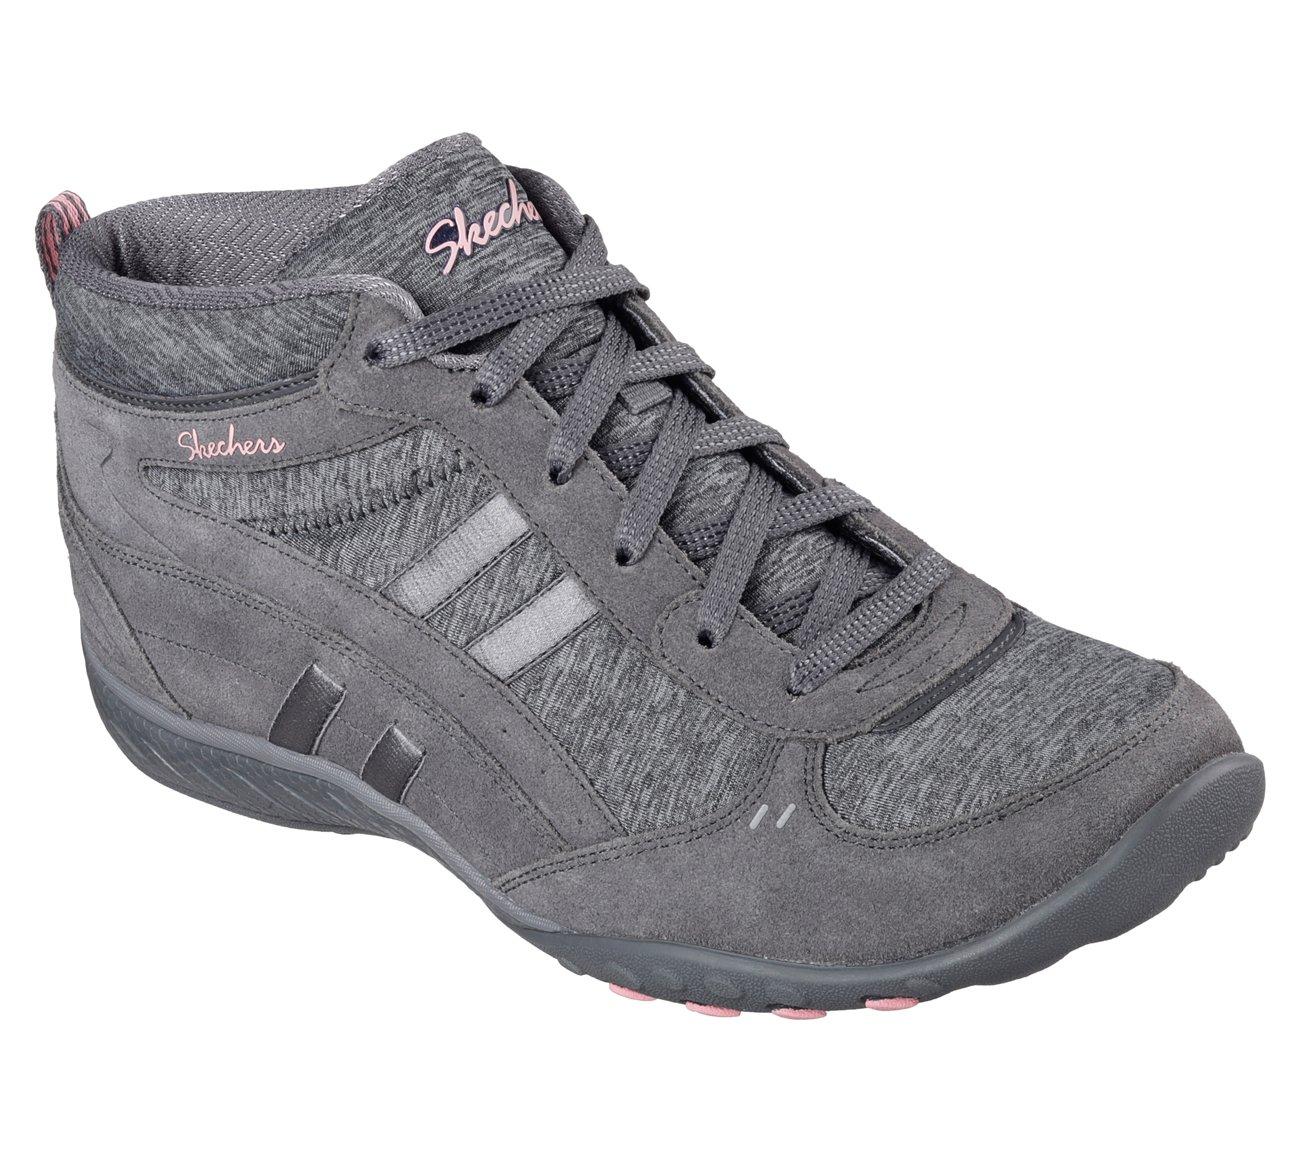 Skechers Sport Women's Breathe Easy Shout Out Fashion Sneaker  7.5 B(M) US|Charcoal